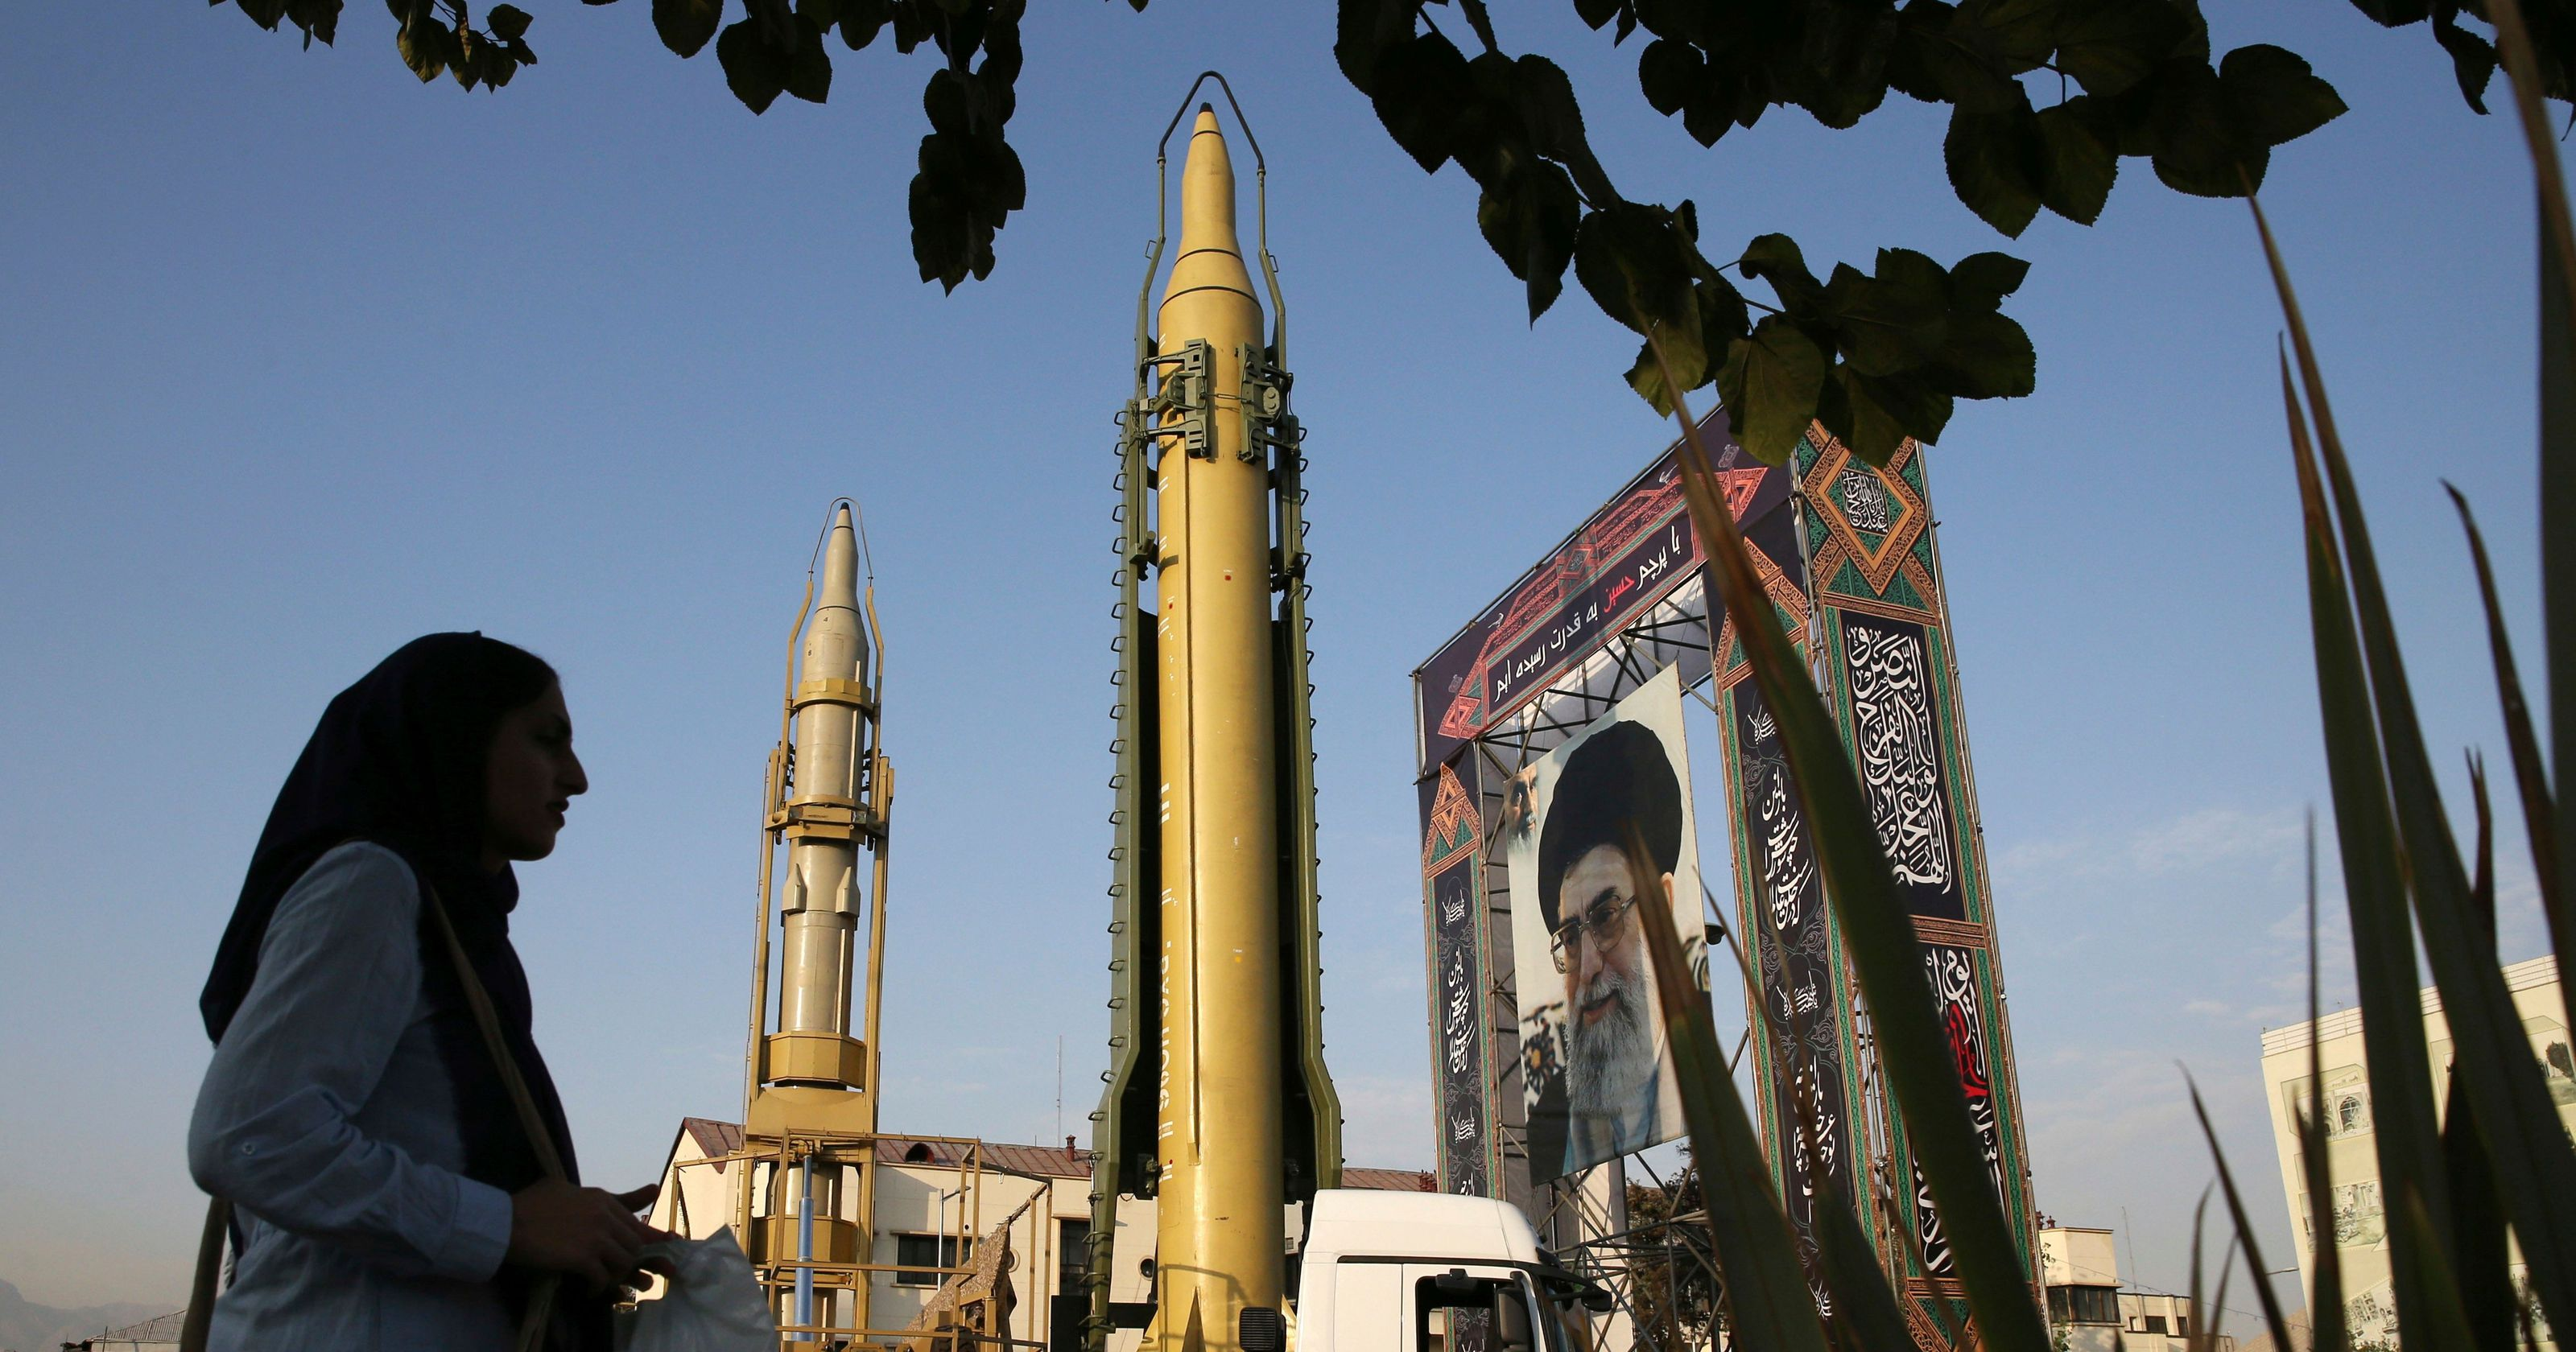 السياسة الخارجية للجمهورية الإسلامية الإيرانية بين الأيديولوجية والبراجماتية